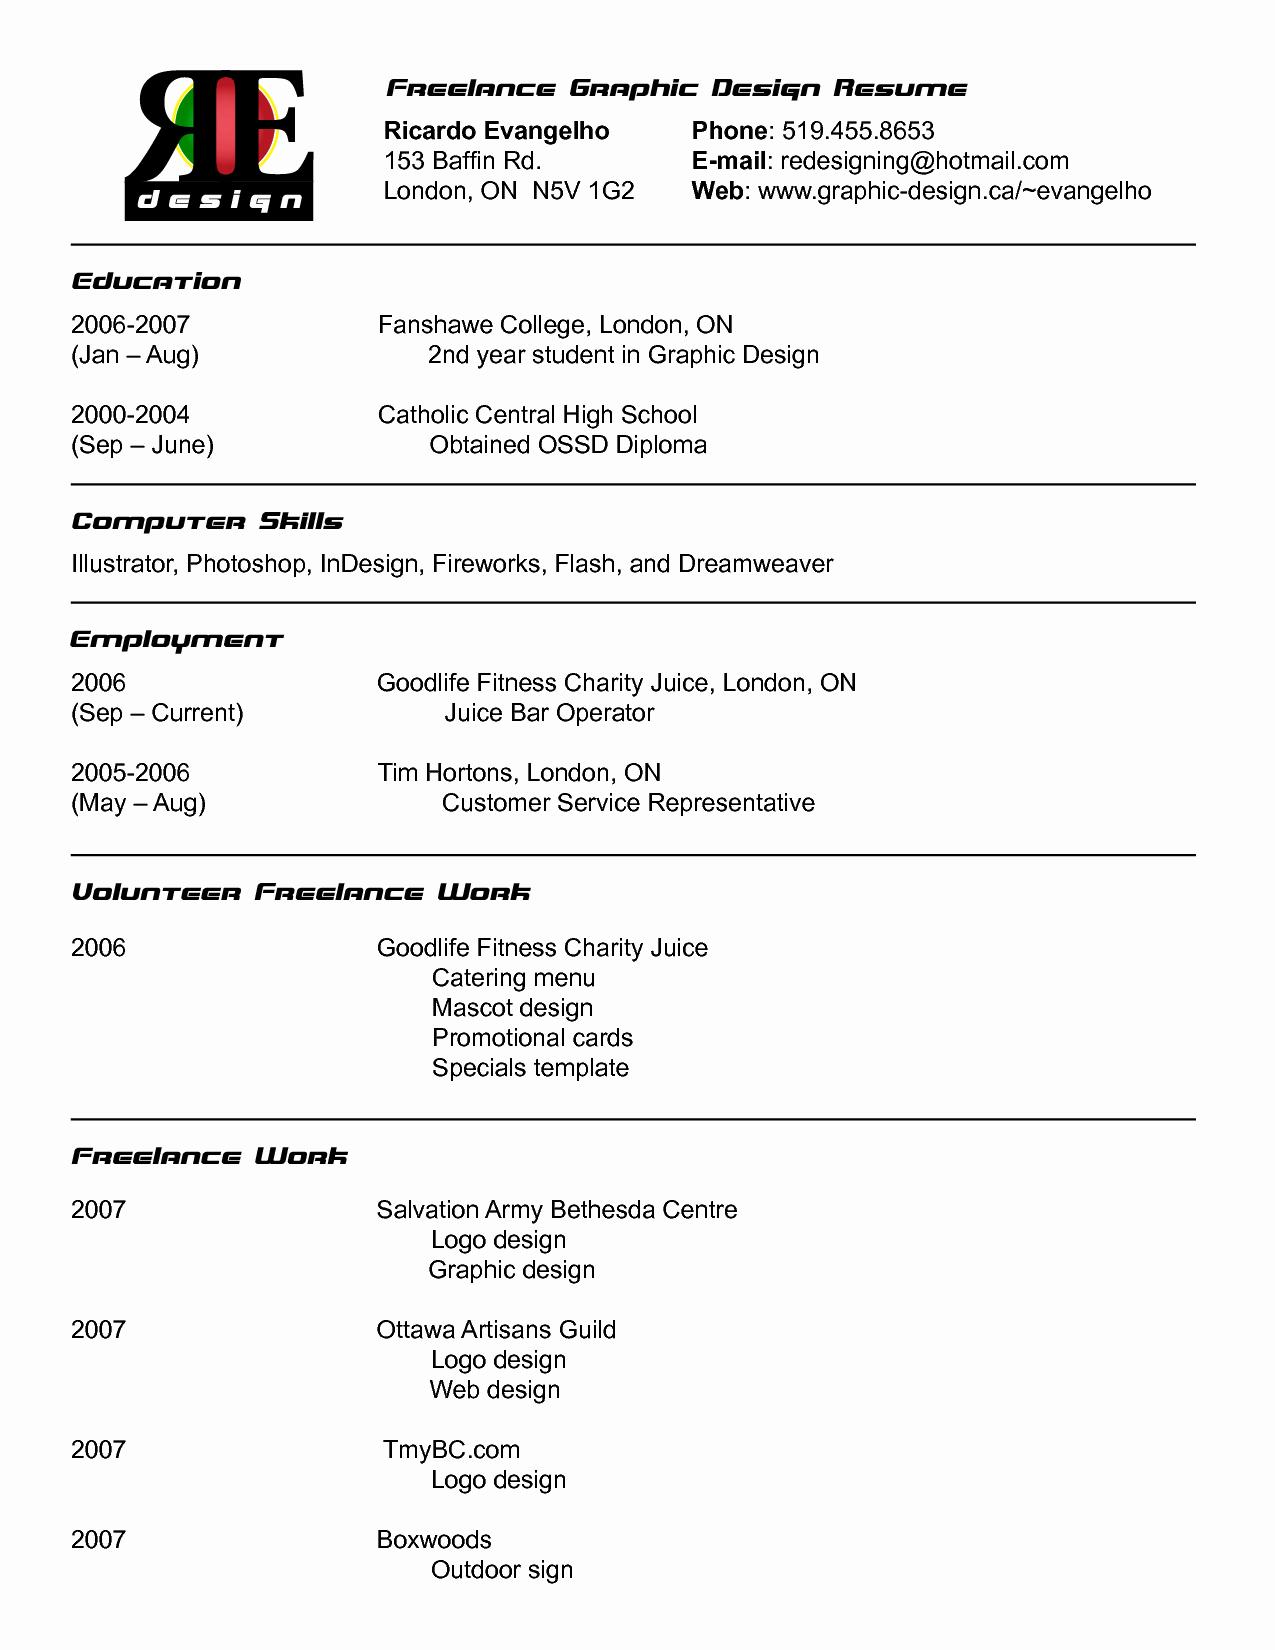 Freelance Graphic Resume Objective Piqqus